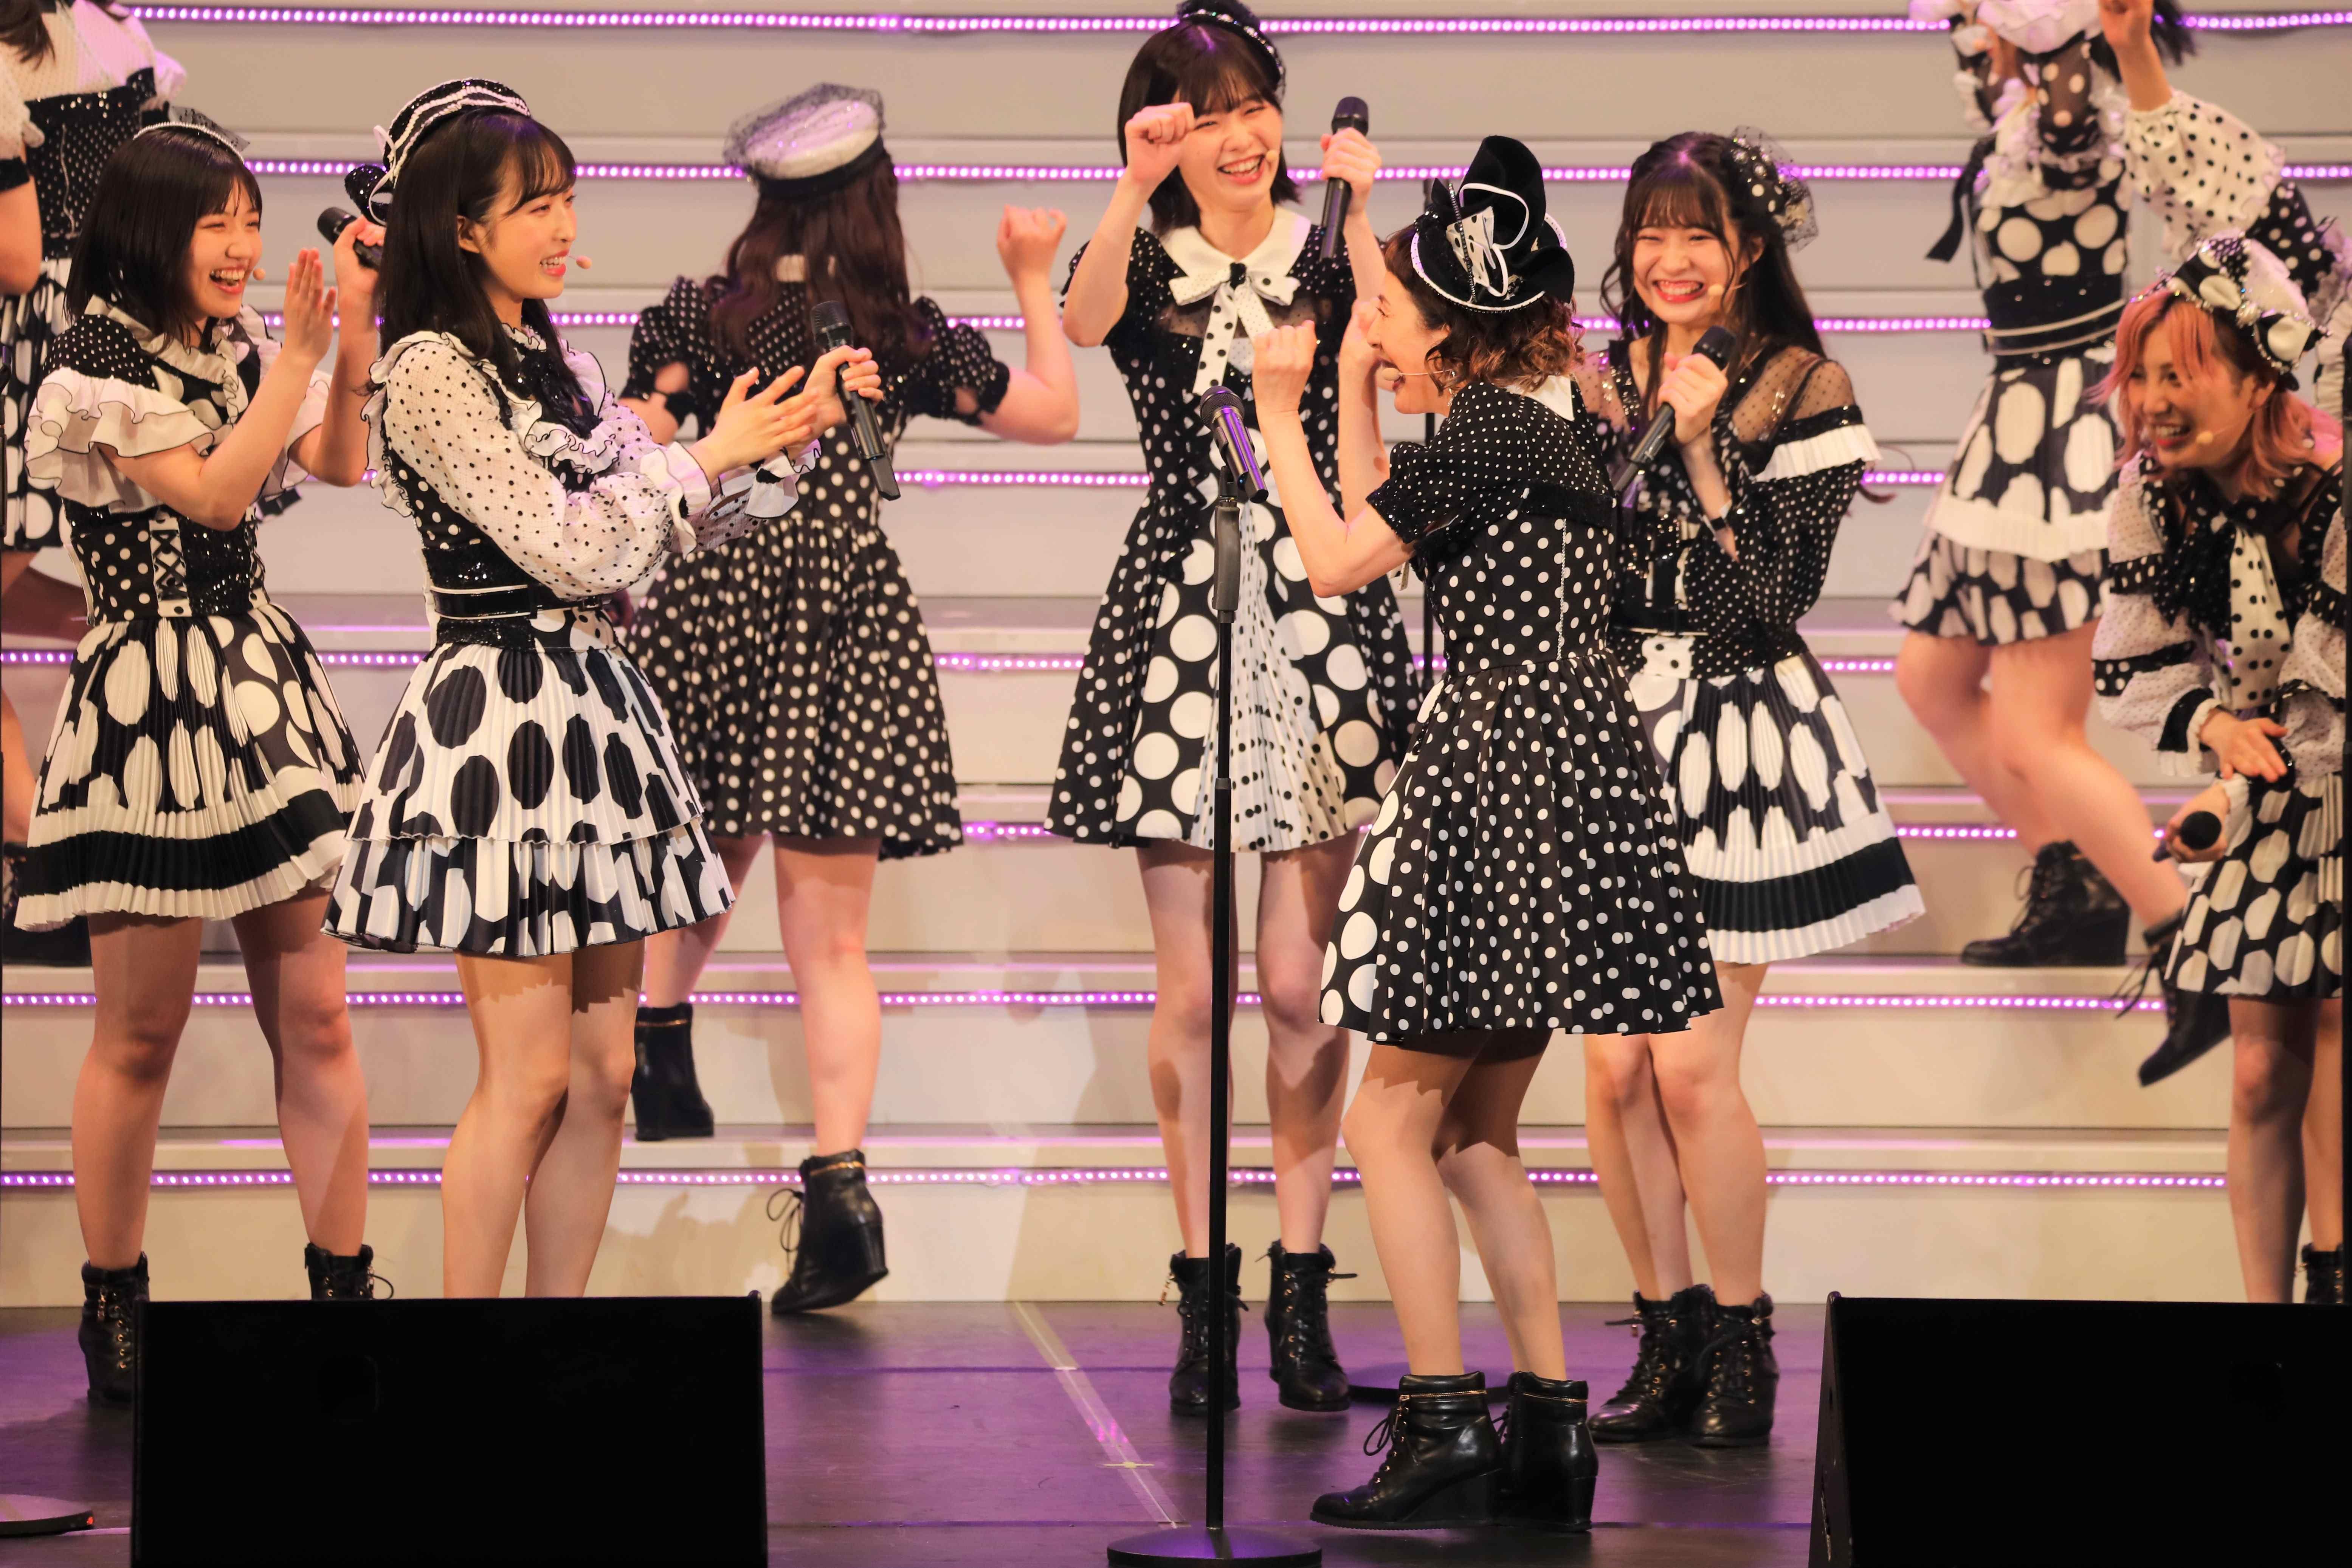 歌い終えてステージのメンバーと大喜びの久本雅美 ©AKB48 THE AUDISHOW製作委員会  無断アップロード及び転送は一切禁止です。